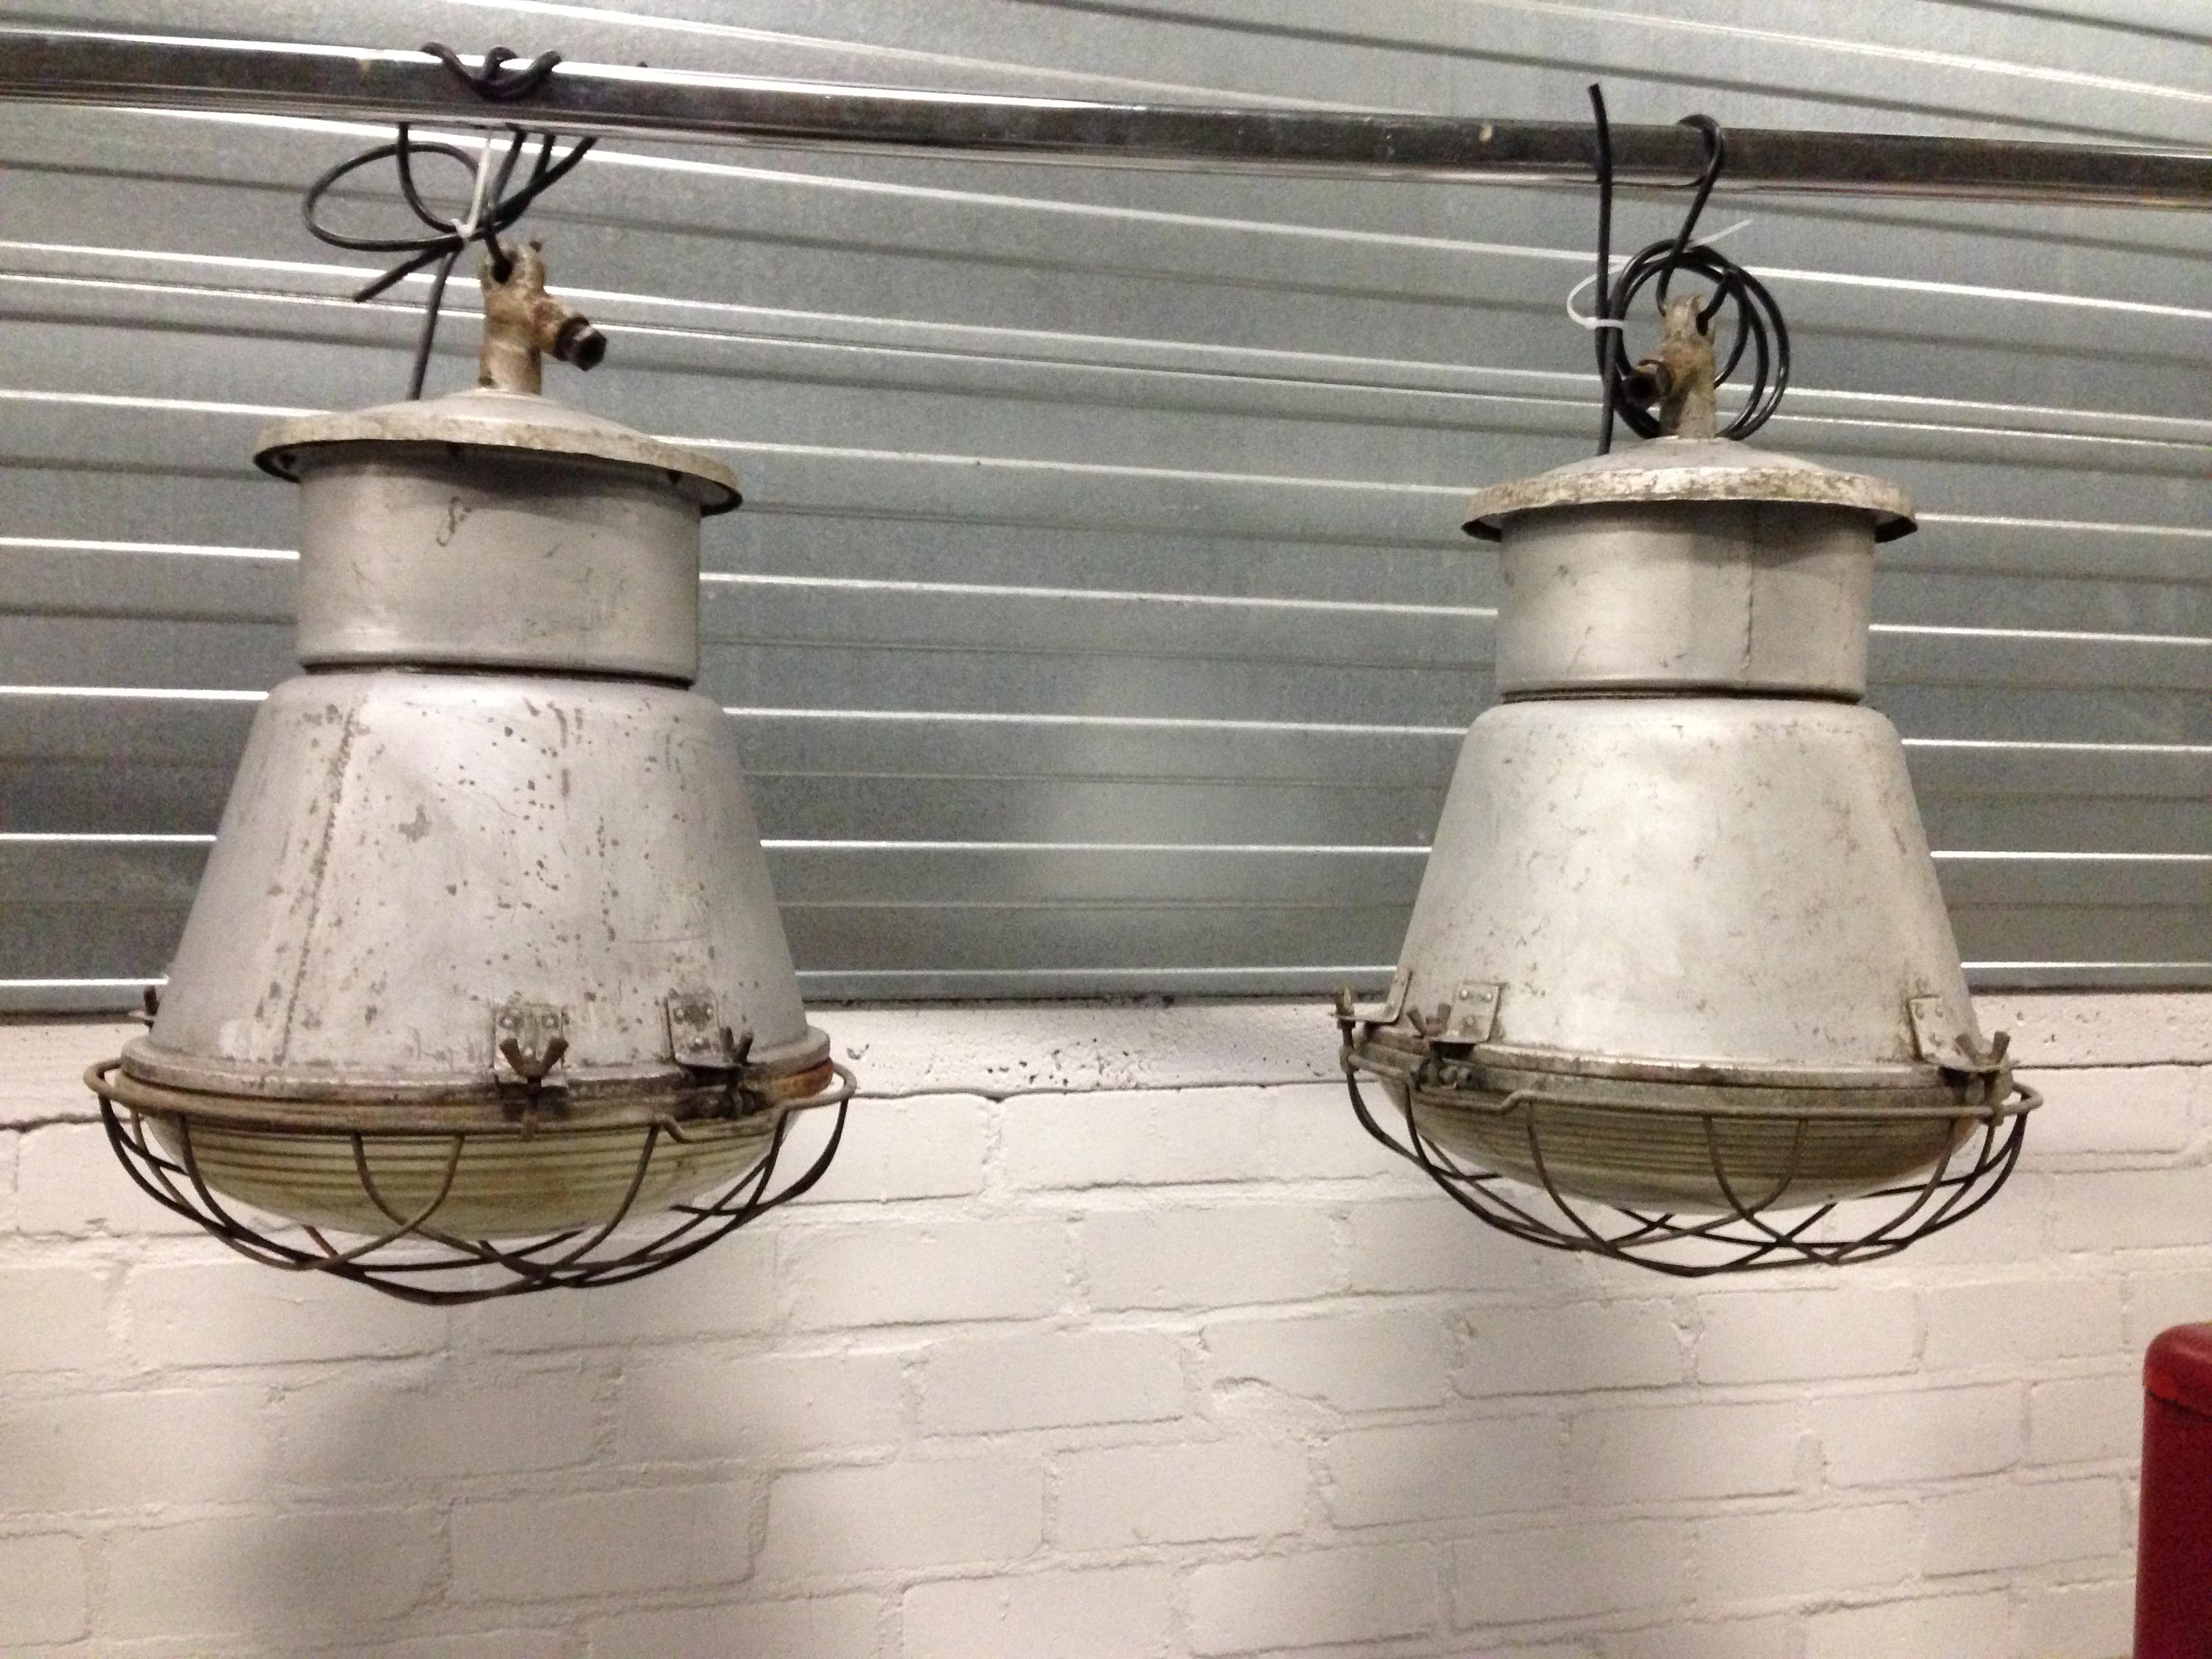 Gebruikte Industriele Lampen : Industriele lampen fabriekslampen bol glas no a landzicht